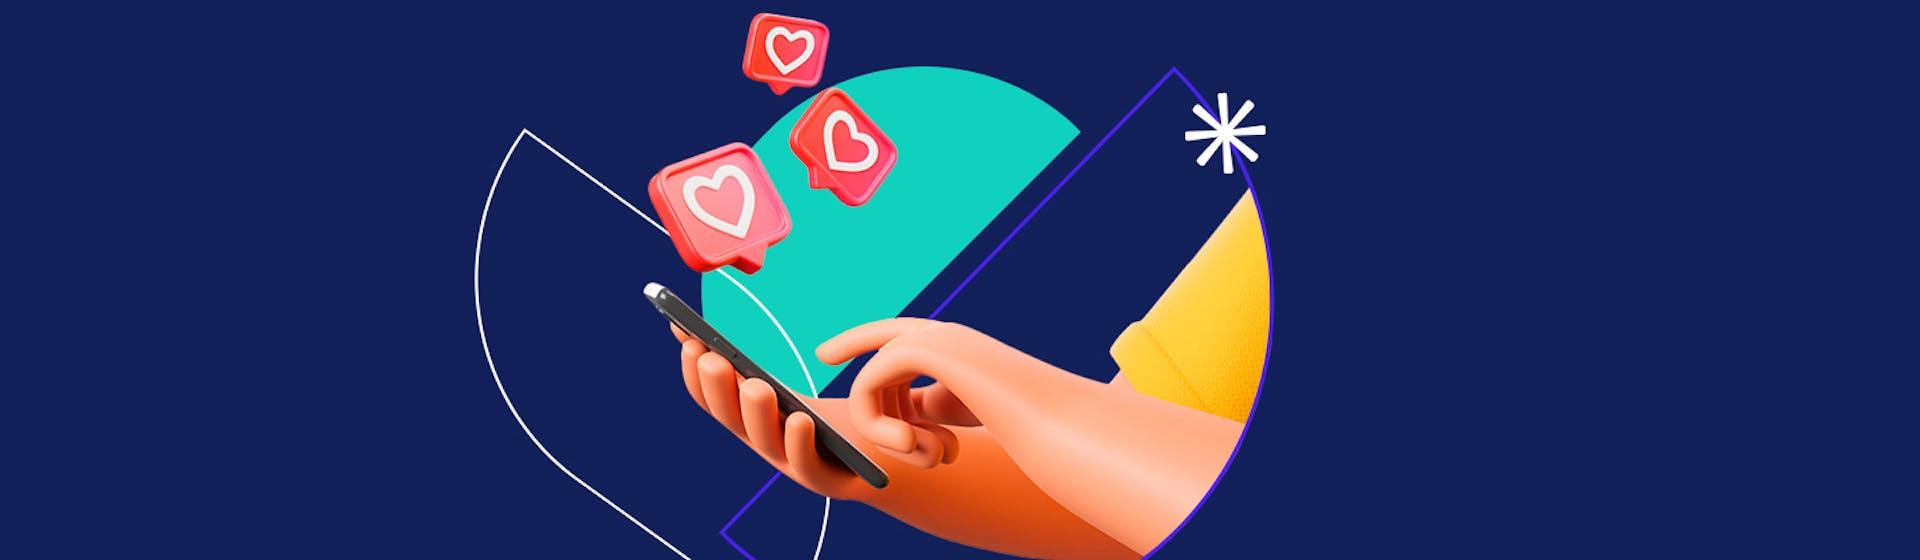 """Gestión de redes sociales: +5 tips para llegar al """"Top of Mind"""" de tu audiencia"""